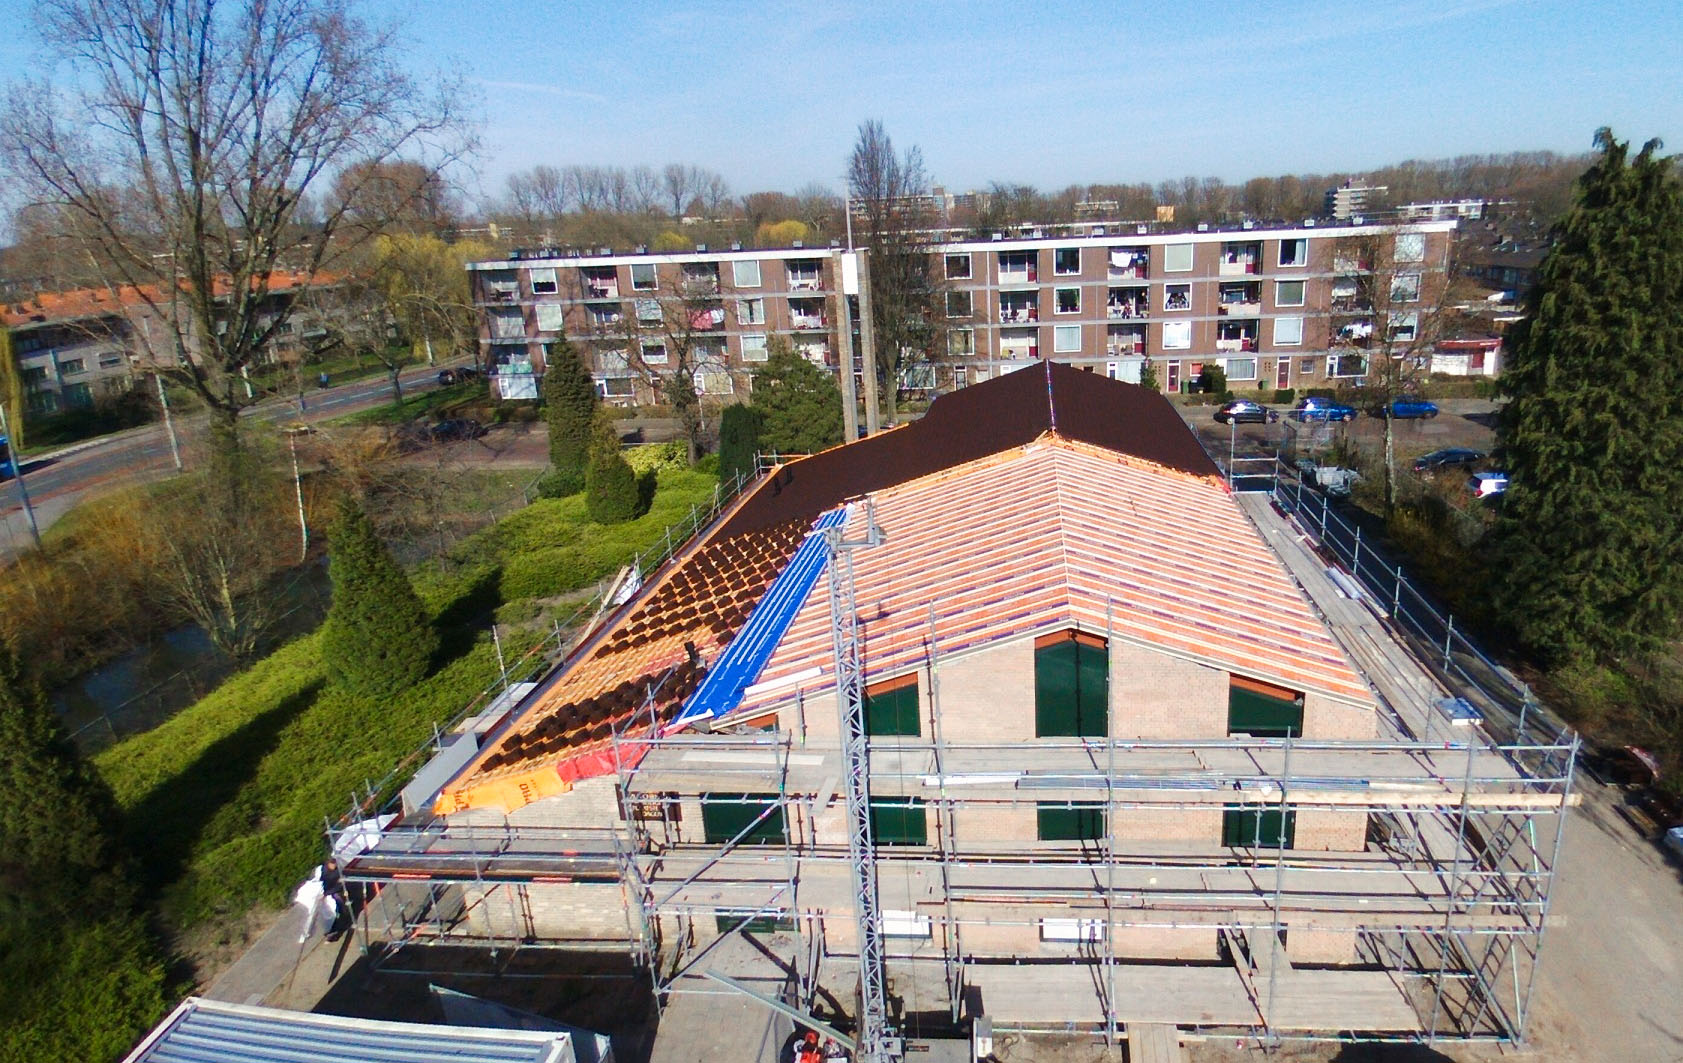 meijer-van-eerden-architectenbureau-lds-kerk-anrhem